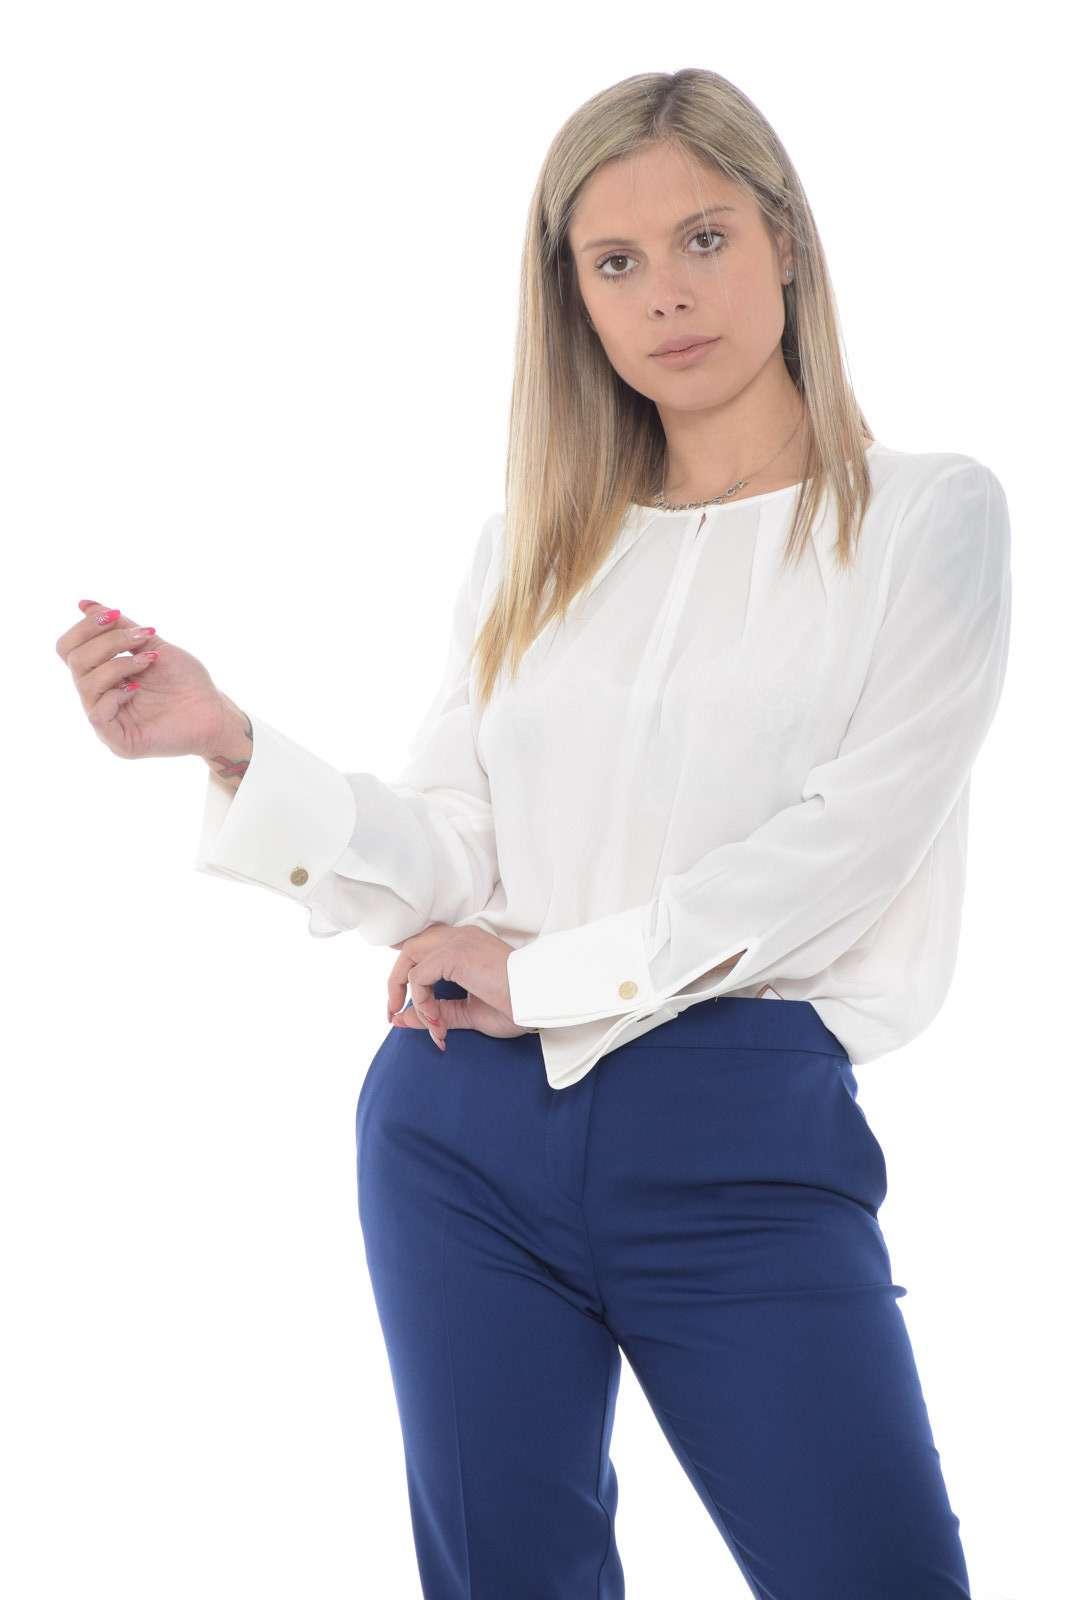 Scopri la nuova blusa donna proposta dalla collezione primavera estate di Nenette. Da indossare con un jeans o con un pantalone mantiene sempre la sua raffinatezza. Caratterizzata dalla vestibilità morbida e dai gemelli ai polsi è un must have di stagione.